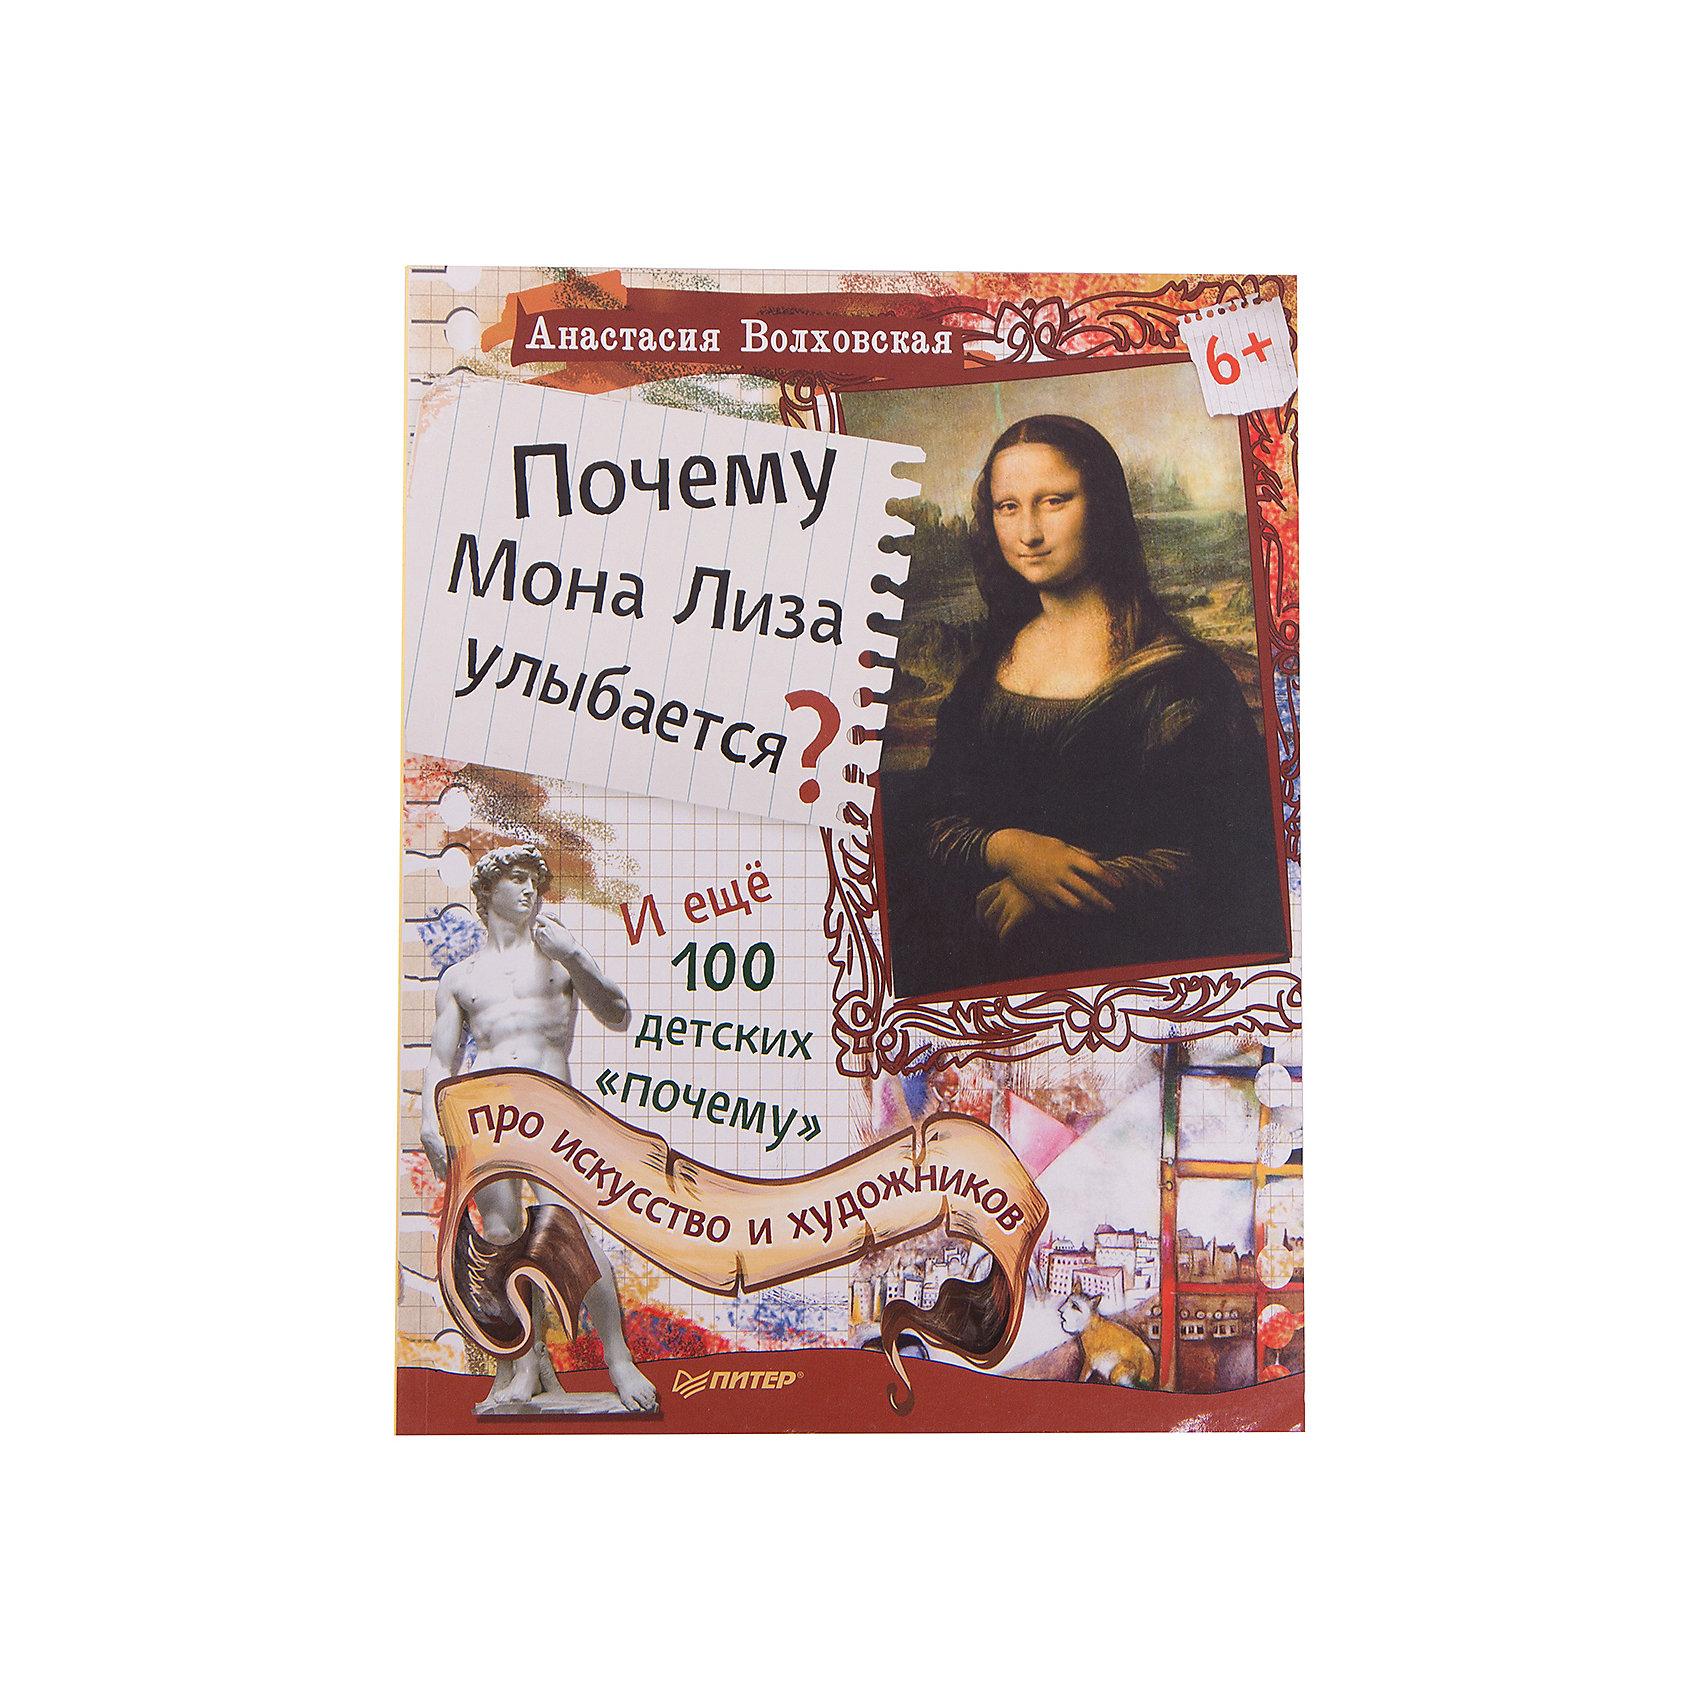 Почему Мона Лиза улыбается?, А. ВолховскаяЭнциклопедии всё обо всём<br>Характеристики книги Почему Мона Лиза улыбается? И ещё 100 детских «почему» про искусство и художников:<br><br>• автор: Анастасия Волховская<br>• формат издания: 20.5х26 см (большой формат)<br>• количество страниц: 64<br>• год выпуска: 2015<br>• издательство: Питер<br>• серия: 100 детских почему, Вы и Ваш ребенок<br>• иллюстратор: Марина Ромодина<br>• переплет: мягкая обложка<br>• цветные иллюстрации: да<br>• язык издания: русский<br>• тип издания: отдельное издание<br>• вес в упаковке: 135 г<br><br>Почему Мона Лиза улыбается?<br>Почему часы Дали растаяли?<br>Почему Сезанн рисовал яблоки? <br>Почему Чёрный квадрат совсем не чёрный? <br><br>Вы найдёте здесь ответы на сотню детских «почему» про искусство и художников, а экскурсия в музей станет по-настоящему увлекательным приключением. У автора Анастасии Волховской есть два прекрасных ребенка. Благодаря детям, она научилась видеть мир с высоты метр с небольшим, отвечать на главные вопросы и быть ведомой ими. «Эта книга — часть удивительного путешествия в страну искусства. <br><br>На пути нам встречались большие музеи и маленькие галереи, известные художники и те, кому однажды предстоит ими стать, огромные полотна и маленькие репродукции, яркие книги, альбомы и краски. И не важно, был ли перед детьми холст в залитой солнечным светом мастерской или клочок асфальта на детской площадке, — радость от творчества была одинаковой, а бесконечные «почему» не заставляли себя ждать. Они записывались в блокнот, на музейные билеты или просто хранились в памяти. Из ответов на них и родилась эта книга».<br><br>Книгу Почему Мона Лиза улыбается? И ещё 100 детских «почему» про искусство и художников издательства Питер  можно купить в нашем интернет-магазине.<br><br>Ширина мм: 252<br>Глубина мм: 195<br>Высота мм: 30<br>Вес г: 152<br>Возраст от месяцев: 72<br>Возраст до месяцев: 2147483647<br>Пол: Унисекс<br>Возраст: Детский<br>SKU: 5480522